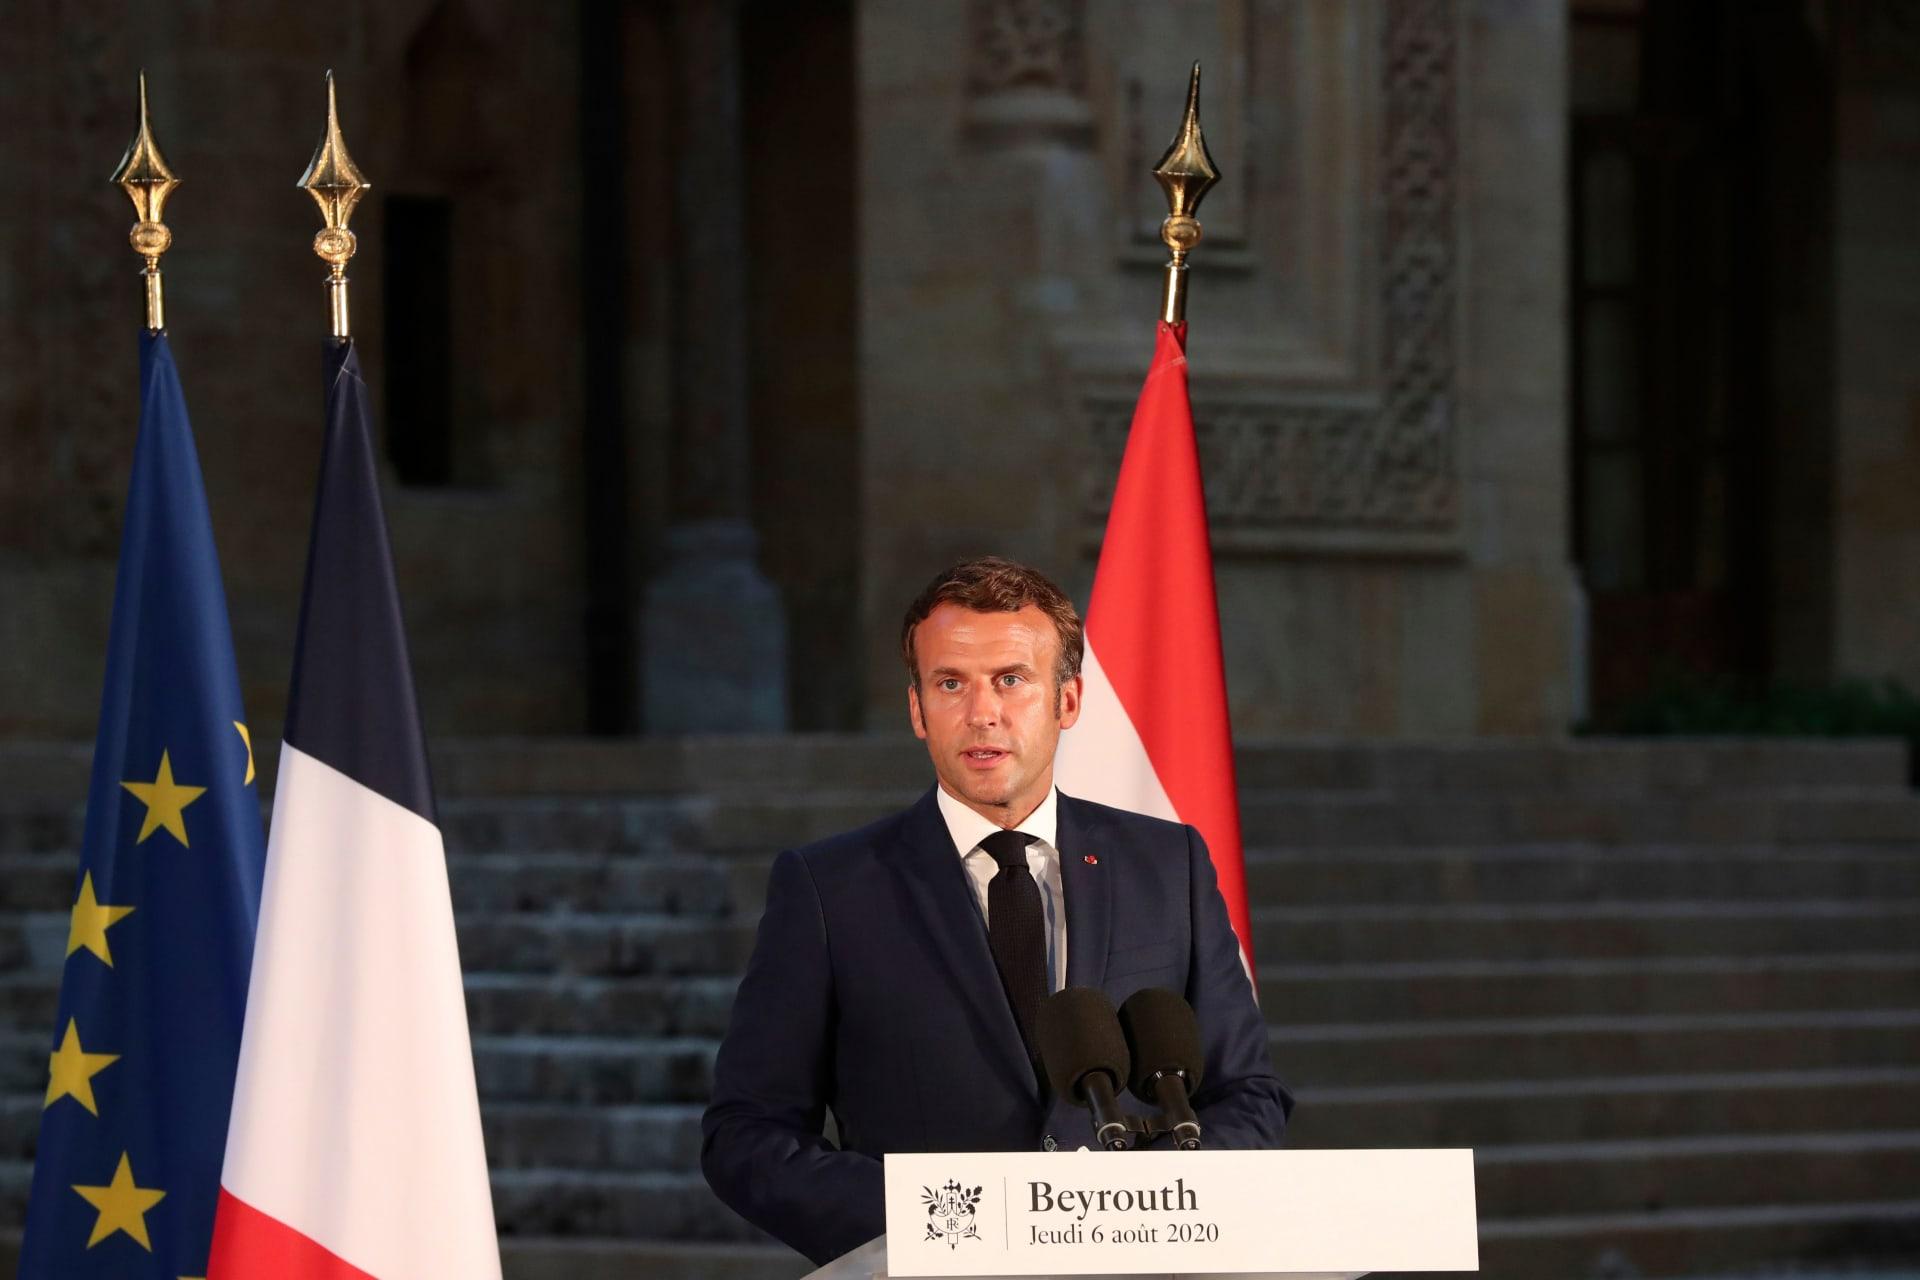 الرئيس الفرنسي إيمانويل ماكرون في مؤتمر صحفي في العاصمة اللبنانية بيروت